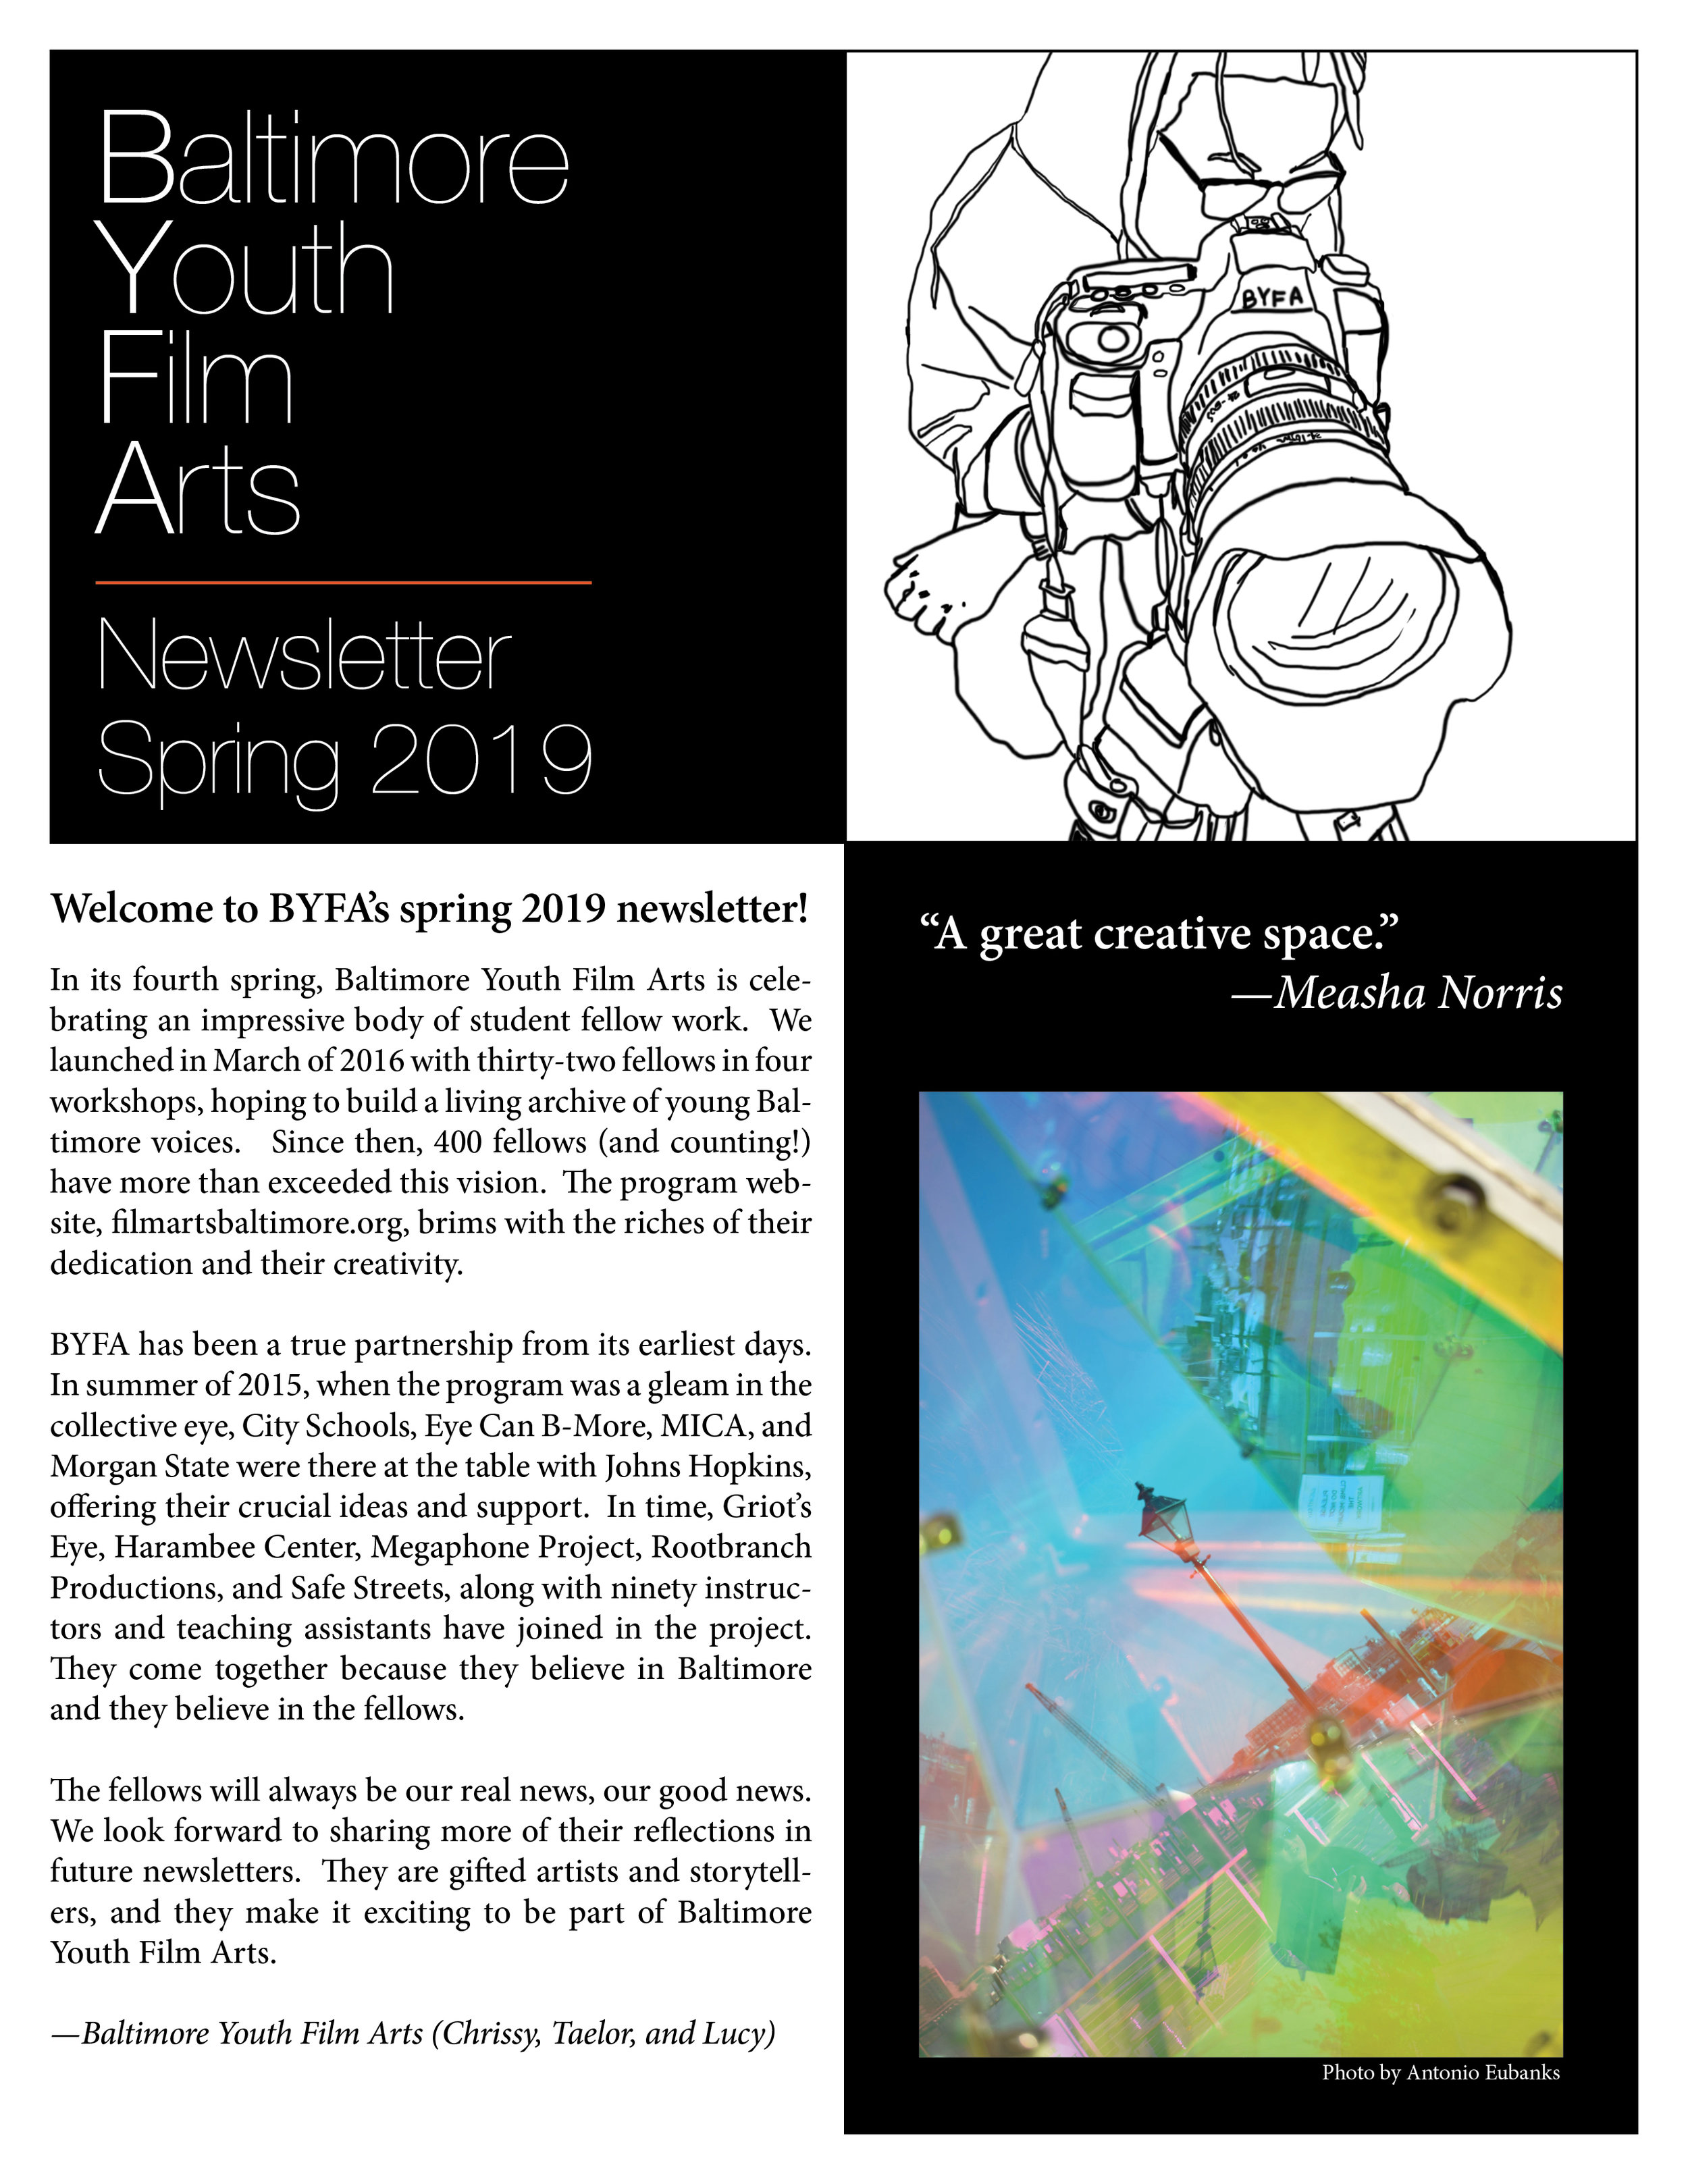 Newsletter_Issue1_1.jpg